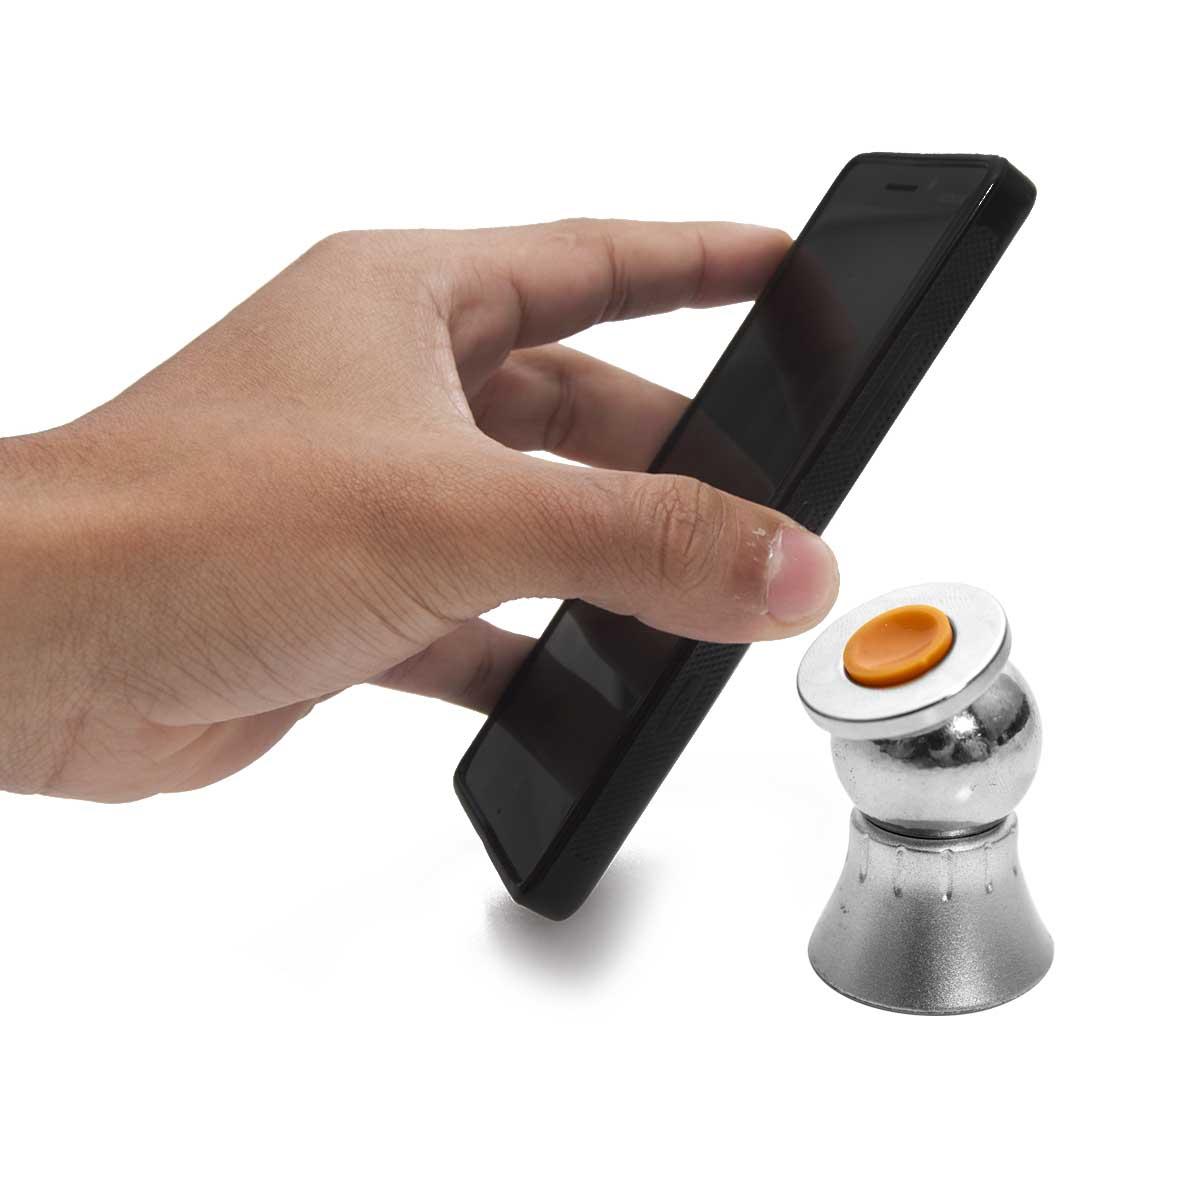 Suporte Celular Carro Im� Gps Tablet Magnetico 360 Graus